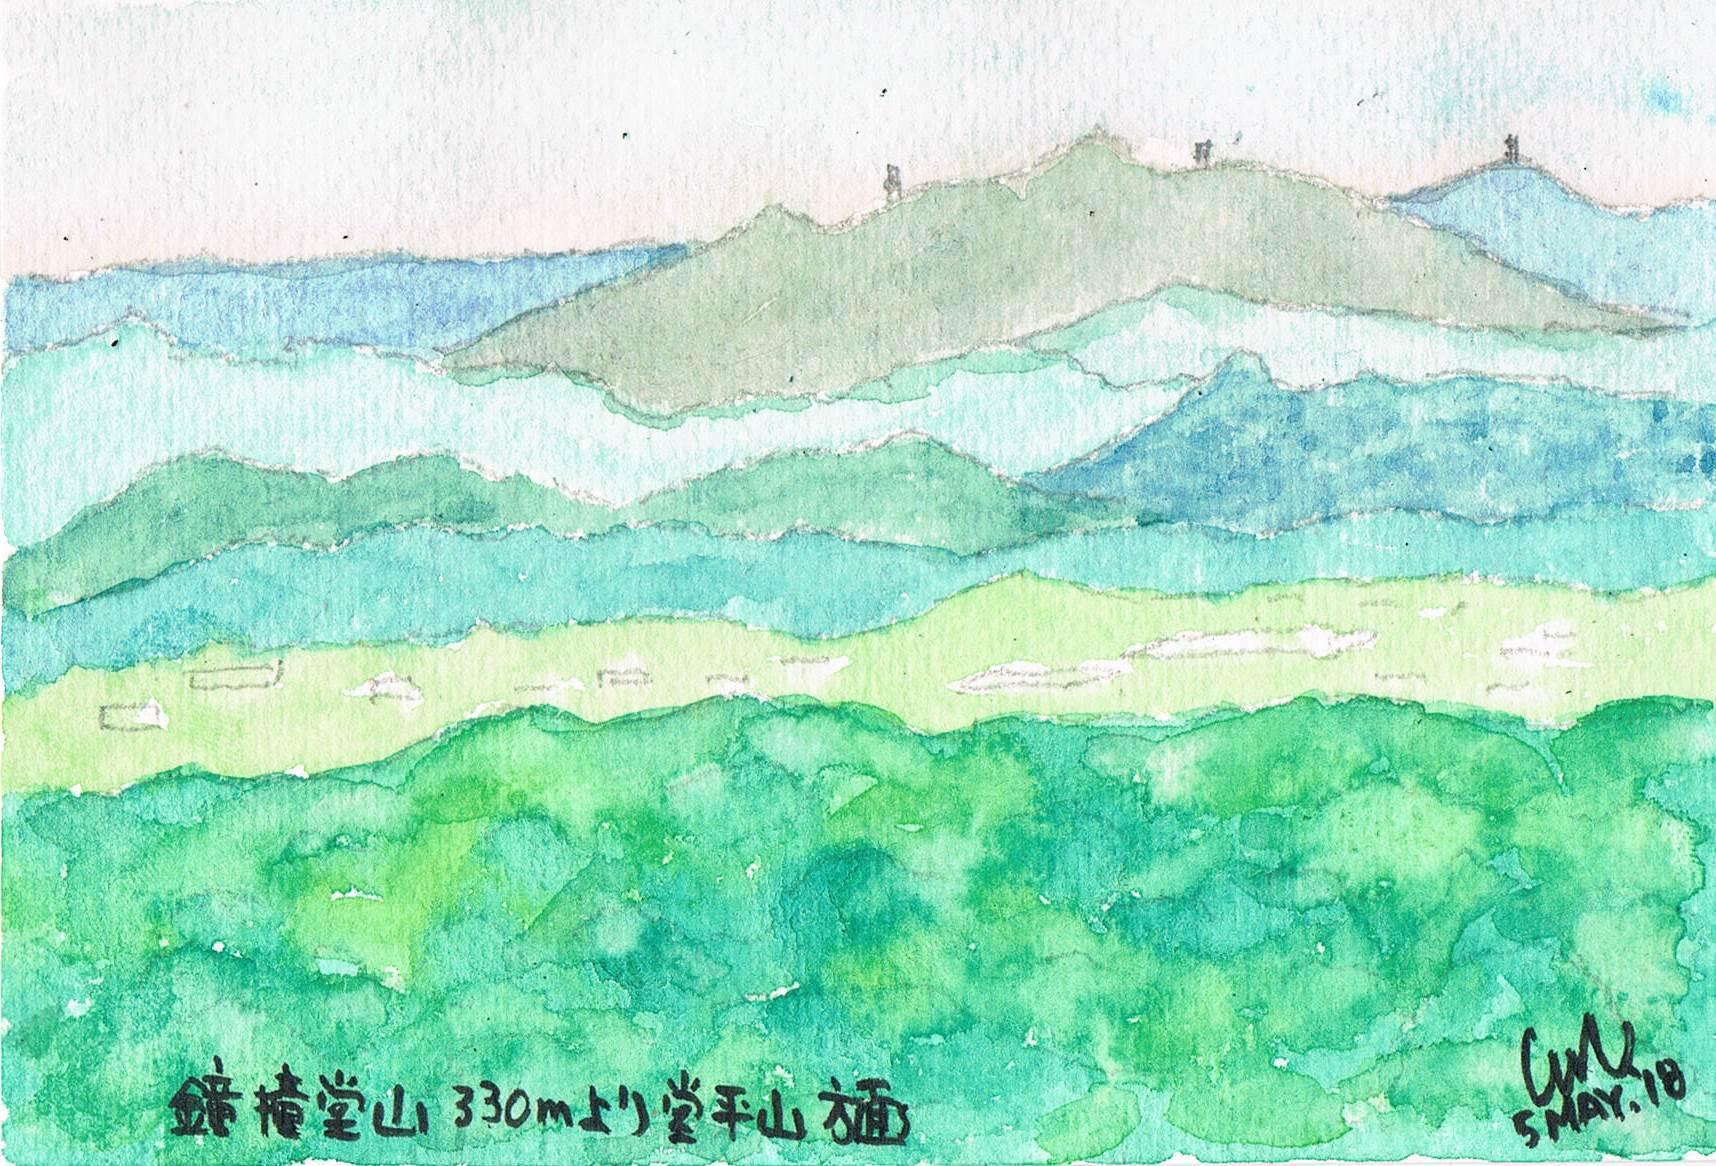 鐘撞堂山山頂からの眺望_e0232277_11171660.jpg